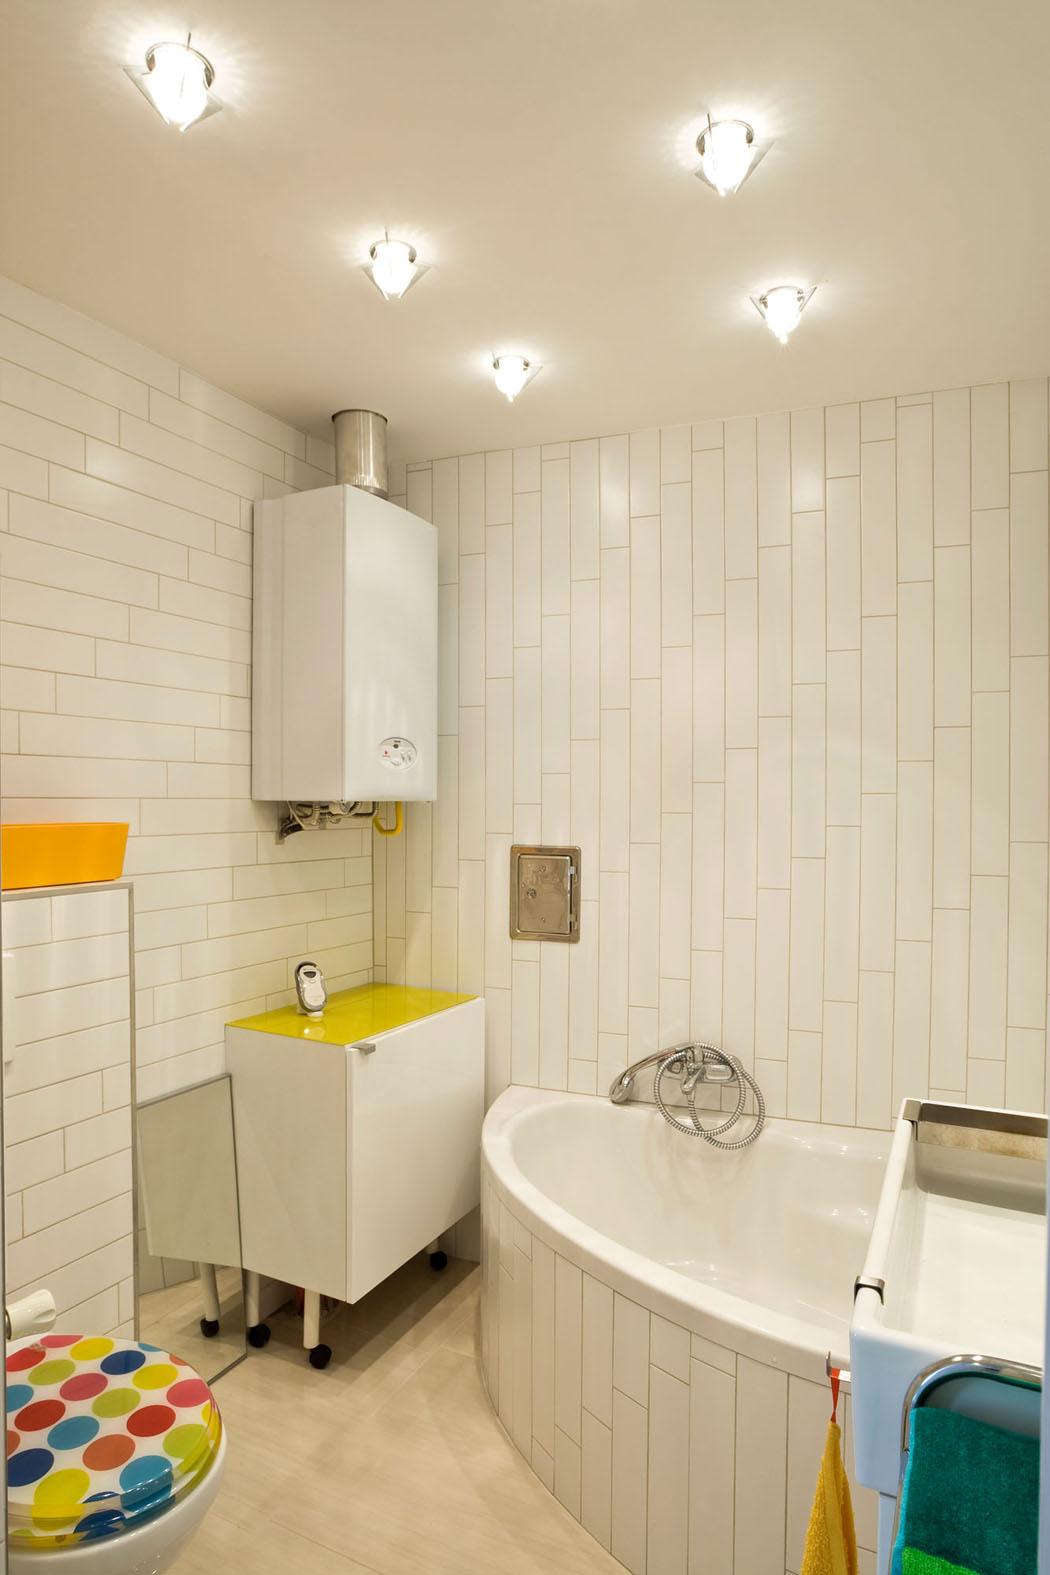 Salle de bain petite et moderne for Petite salle de bain avec toilette